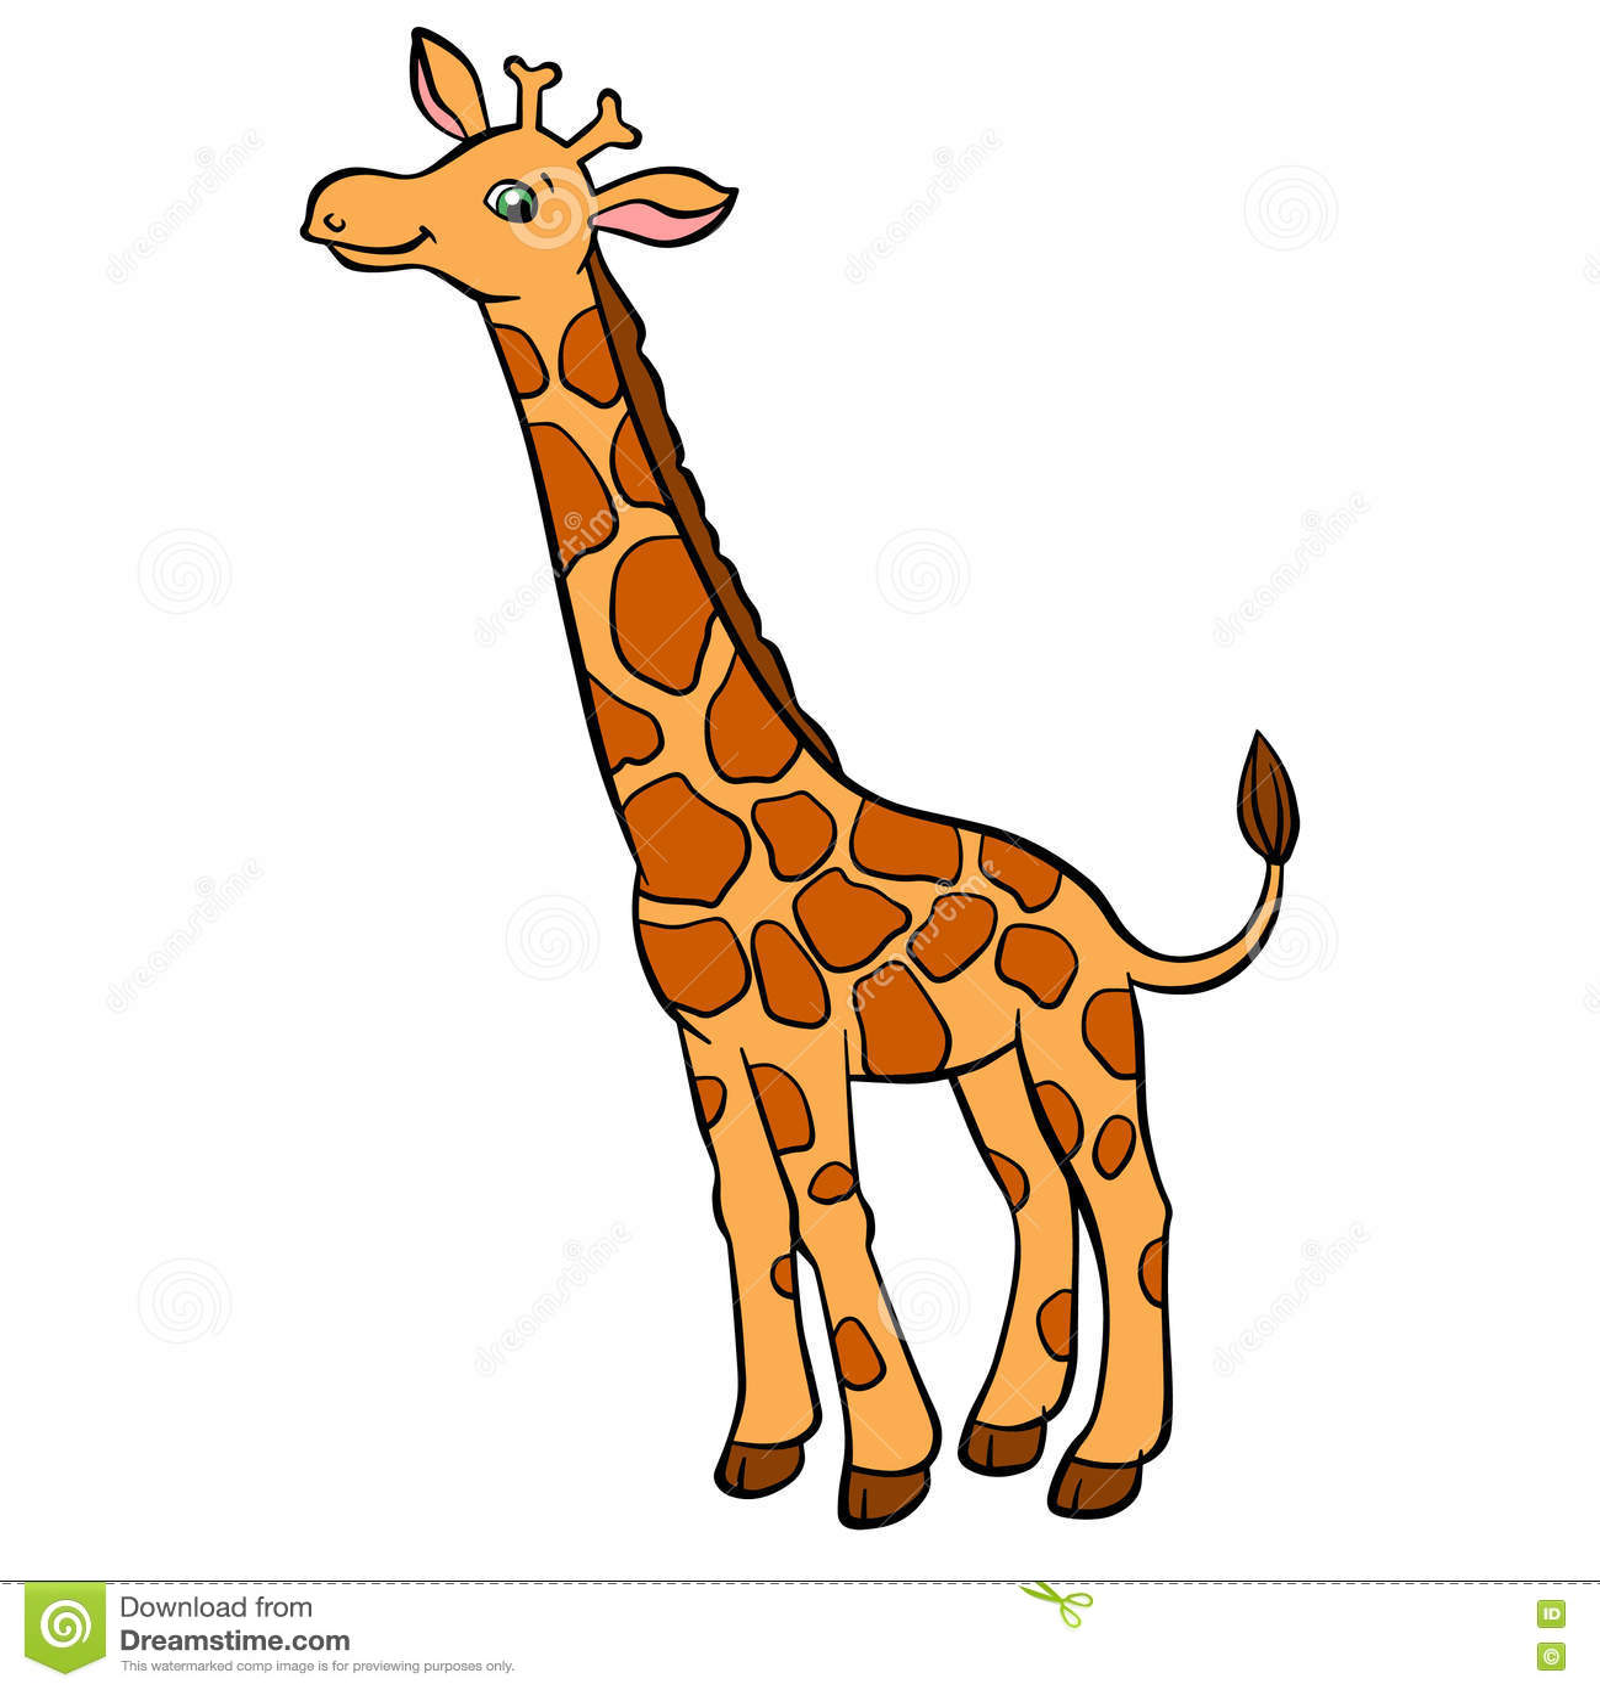 Cartoon Wild Animals For Kids Little Cute Spotted Giraffe